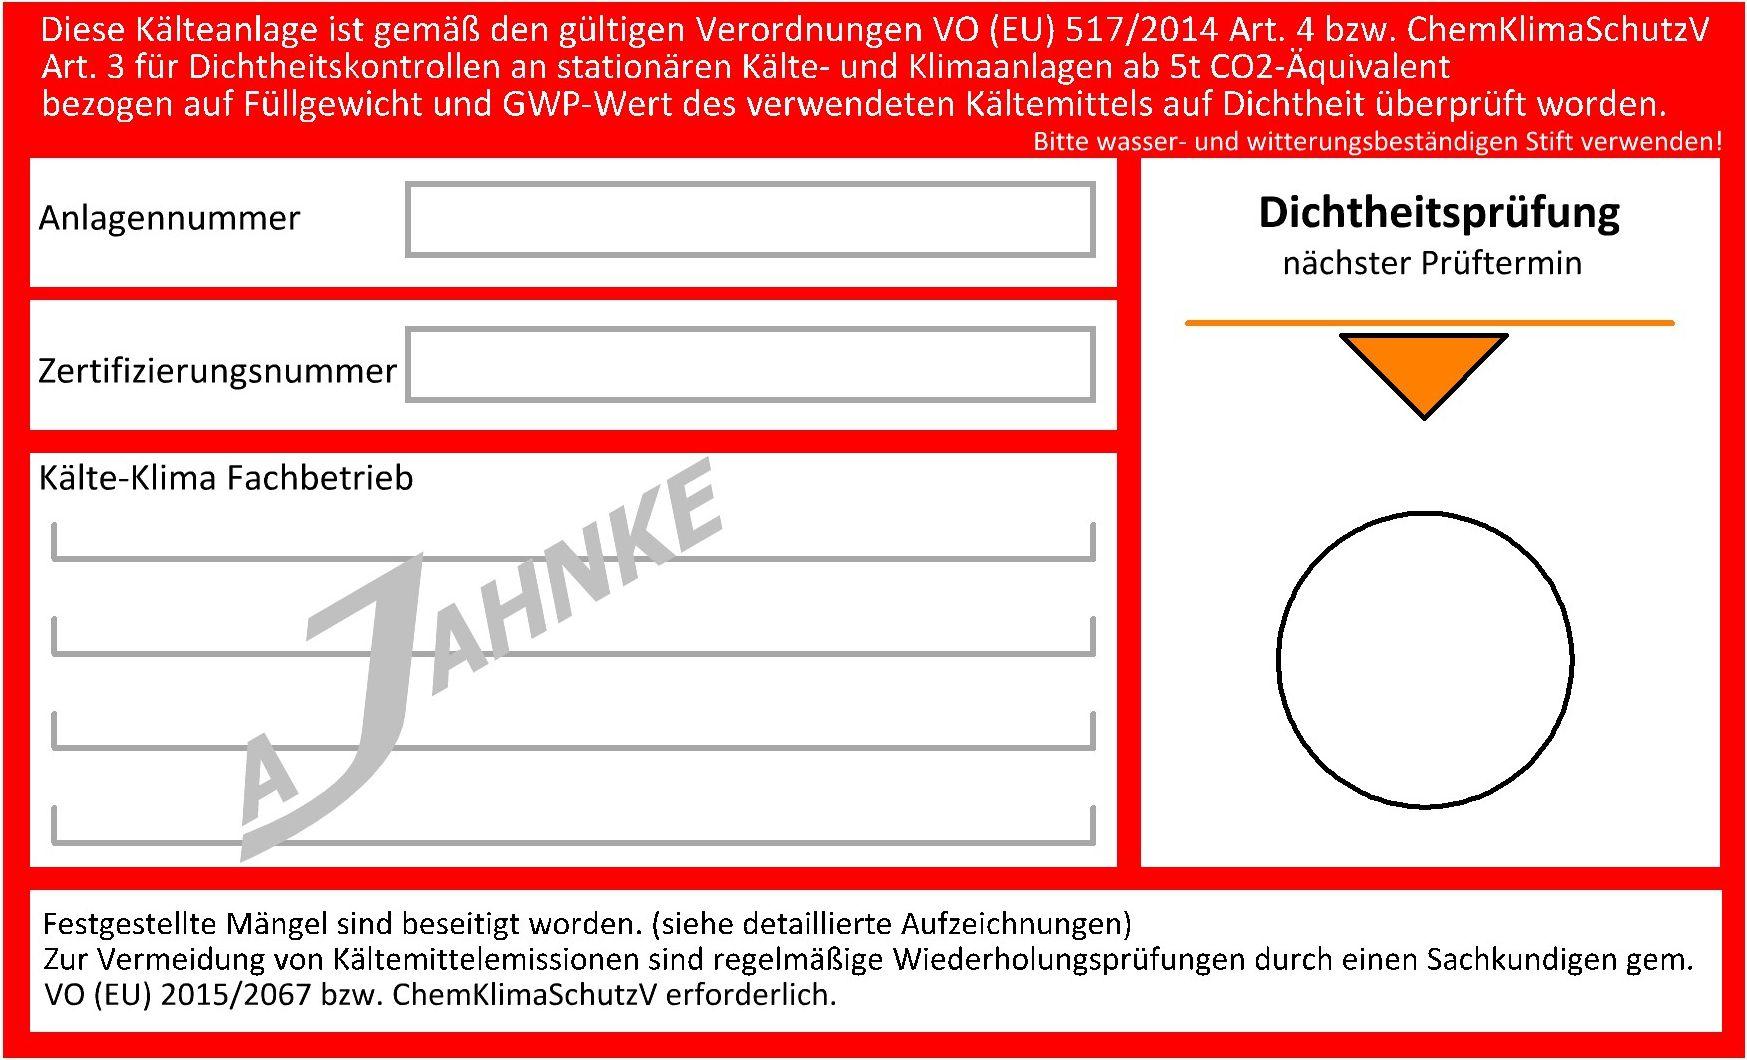 dichtheitsprfungen gem vo eu 5172014 - Ubereinstimmungserklarung Muster